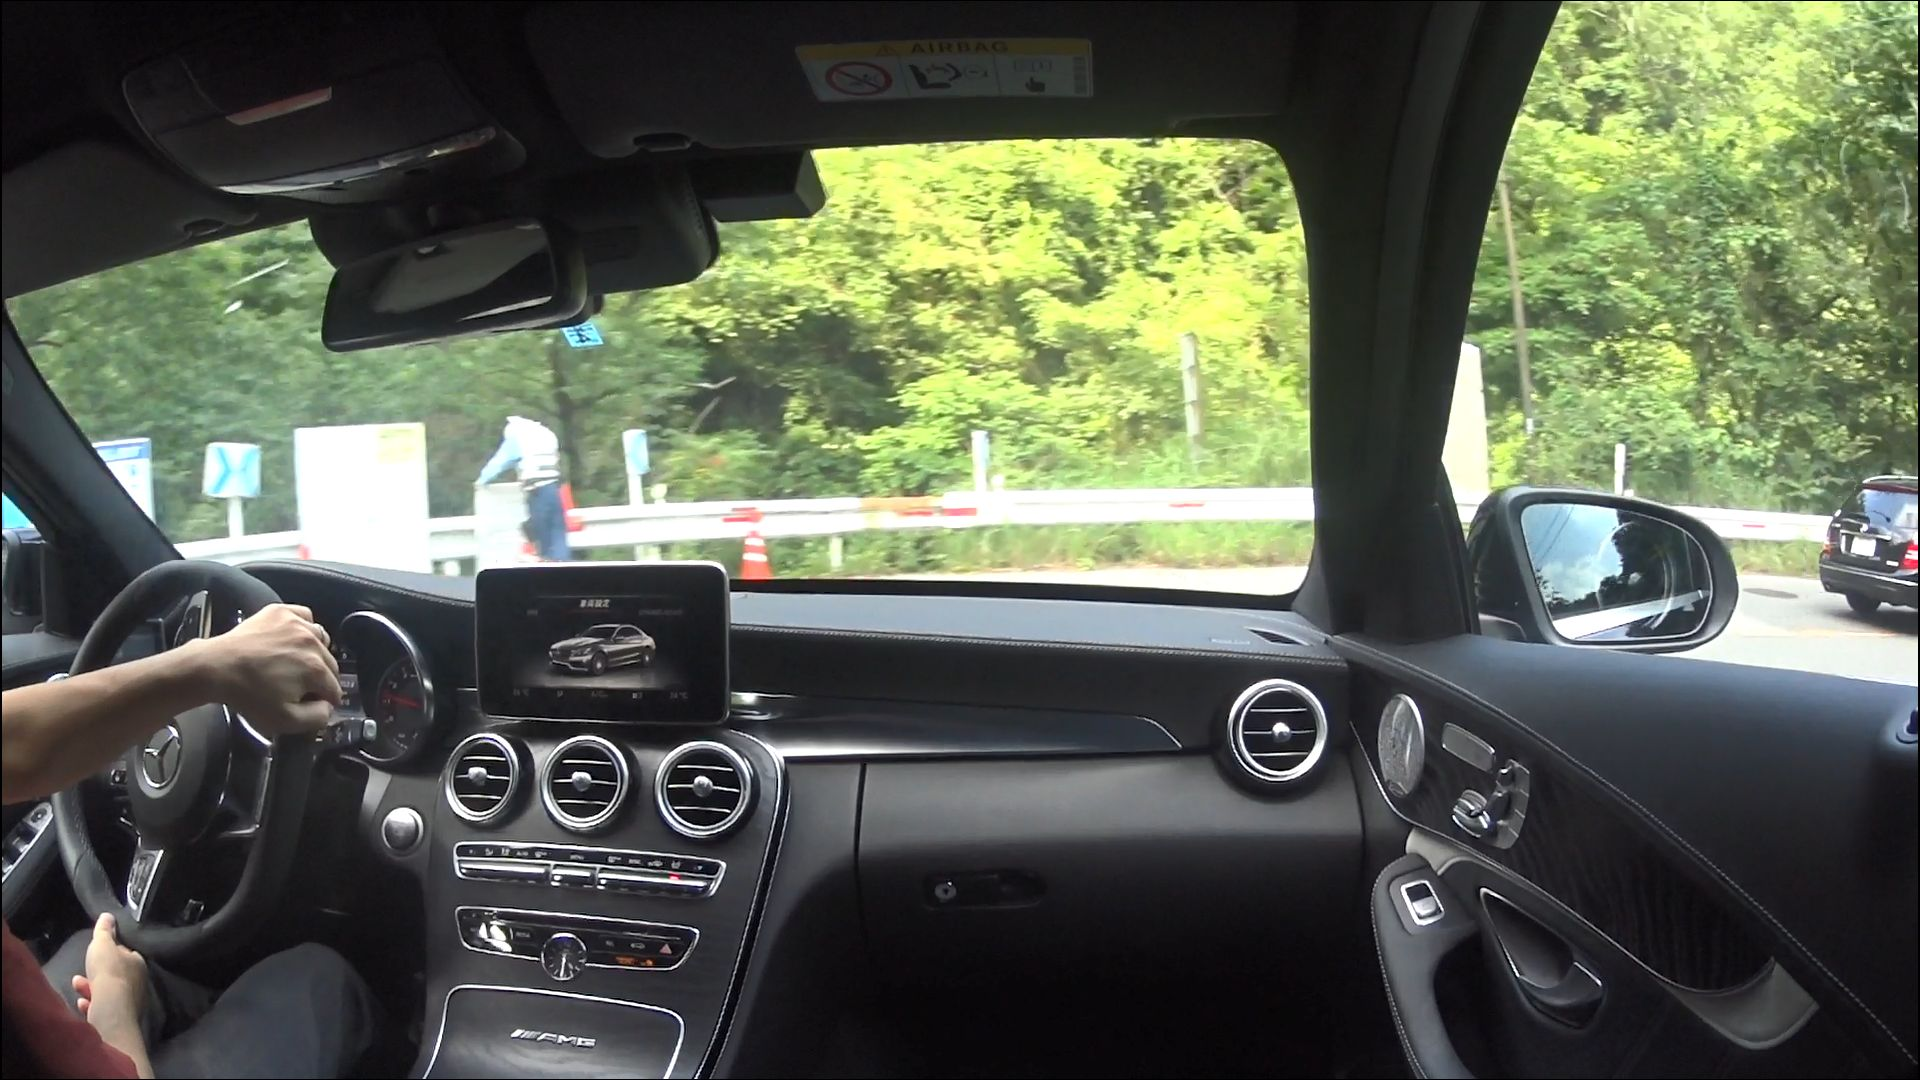 S63 AMG Sでハンドルを切っているところ